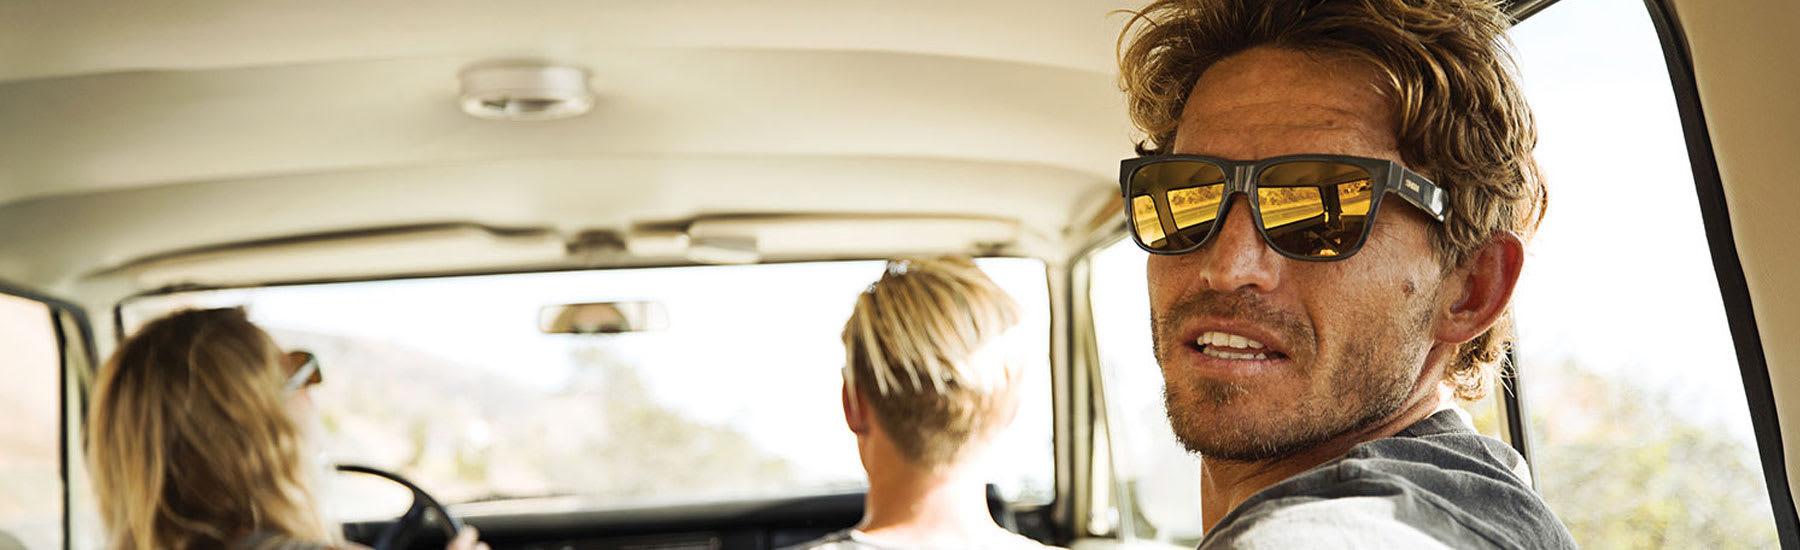 史密斯滑雪护目镜,滑雪镜,太阳镜,头盔